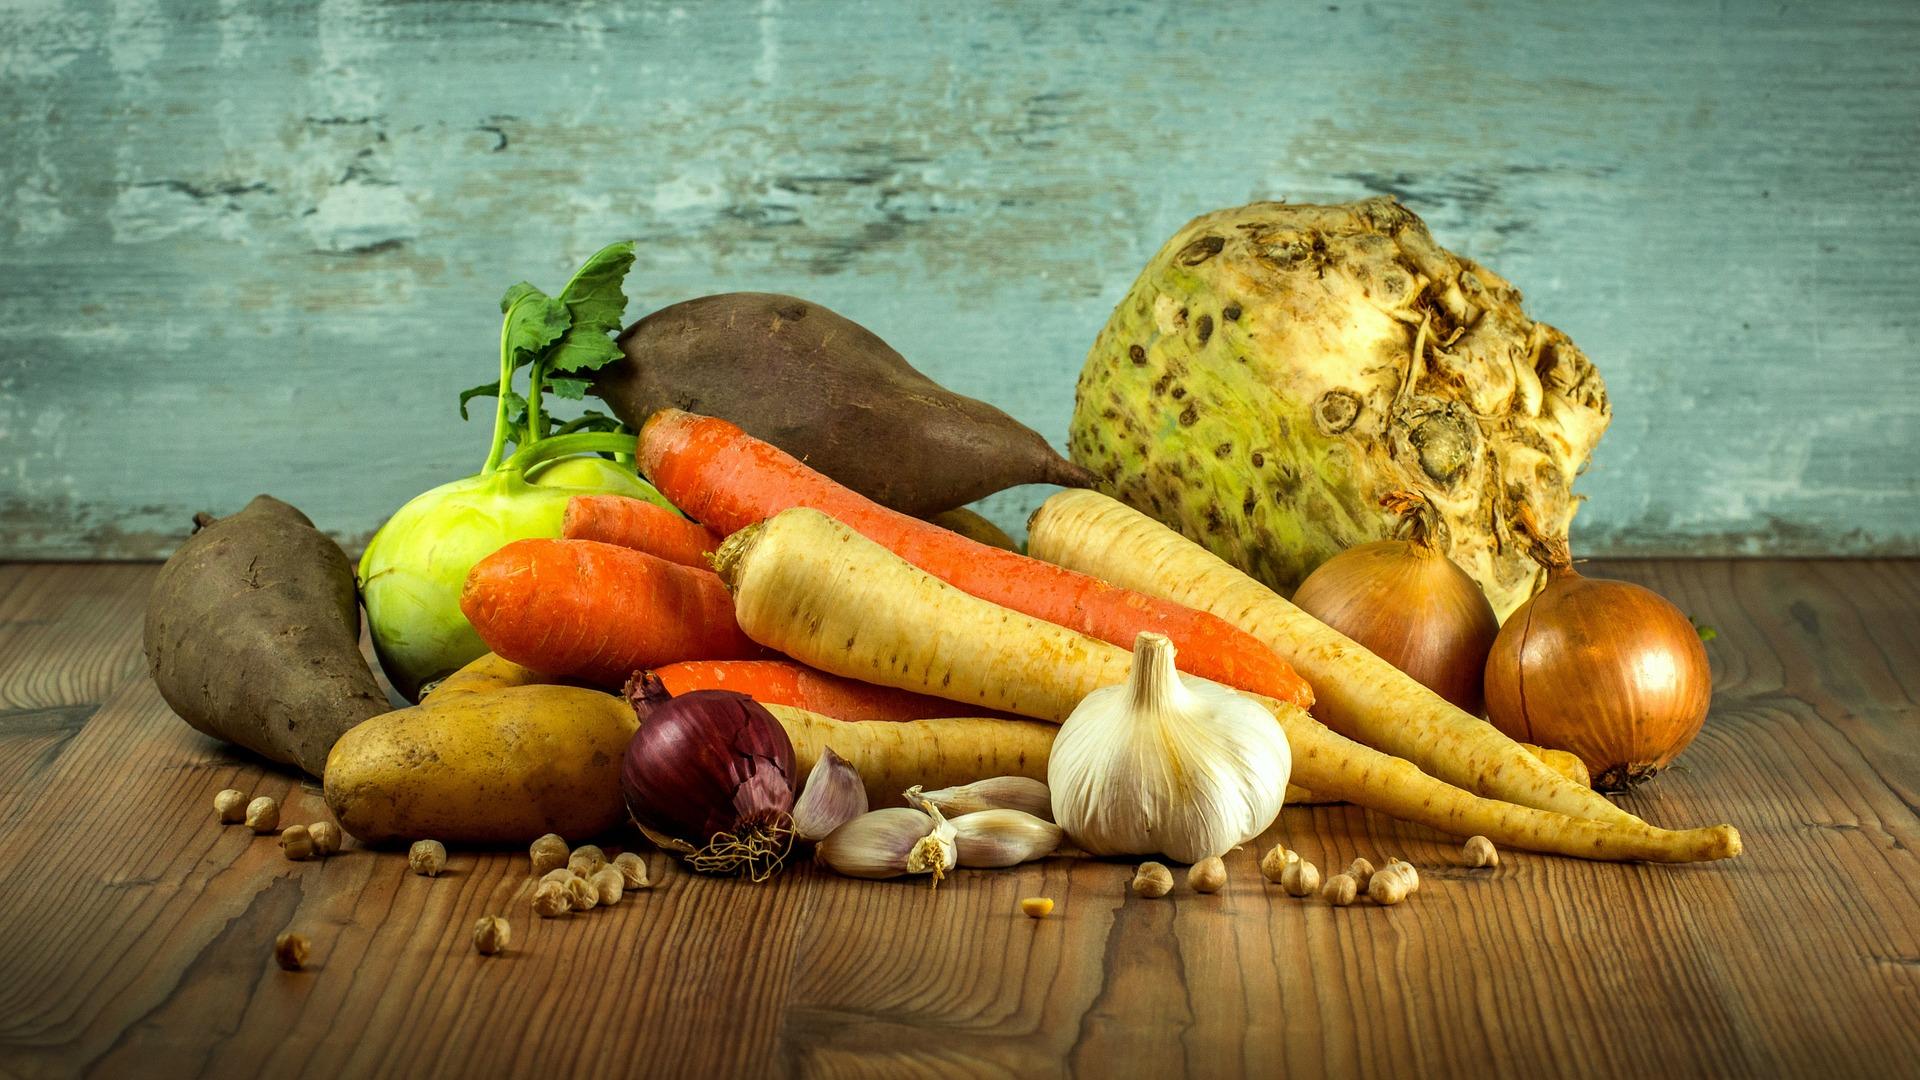 vegetables-1212845_1920